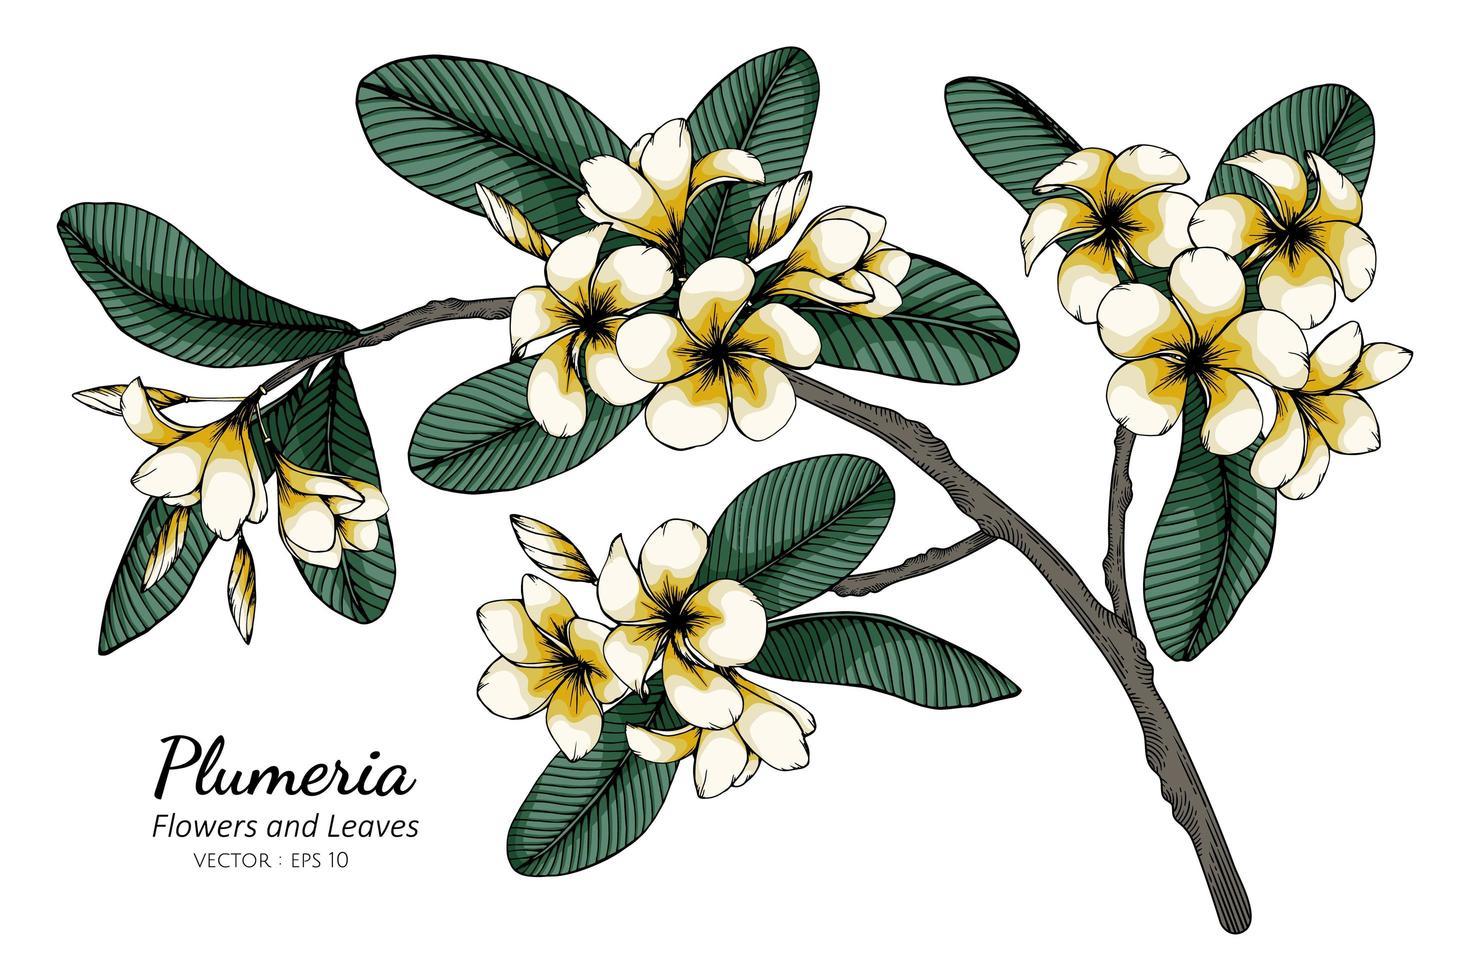 Plumeria flor y dibujo de hoja vector